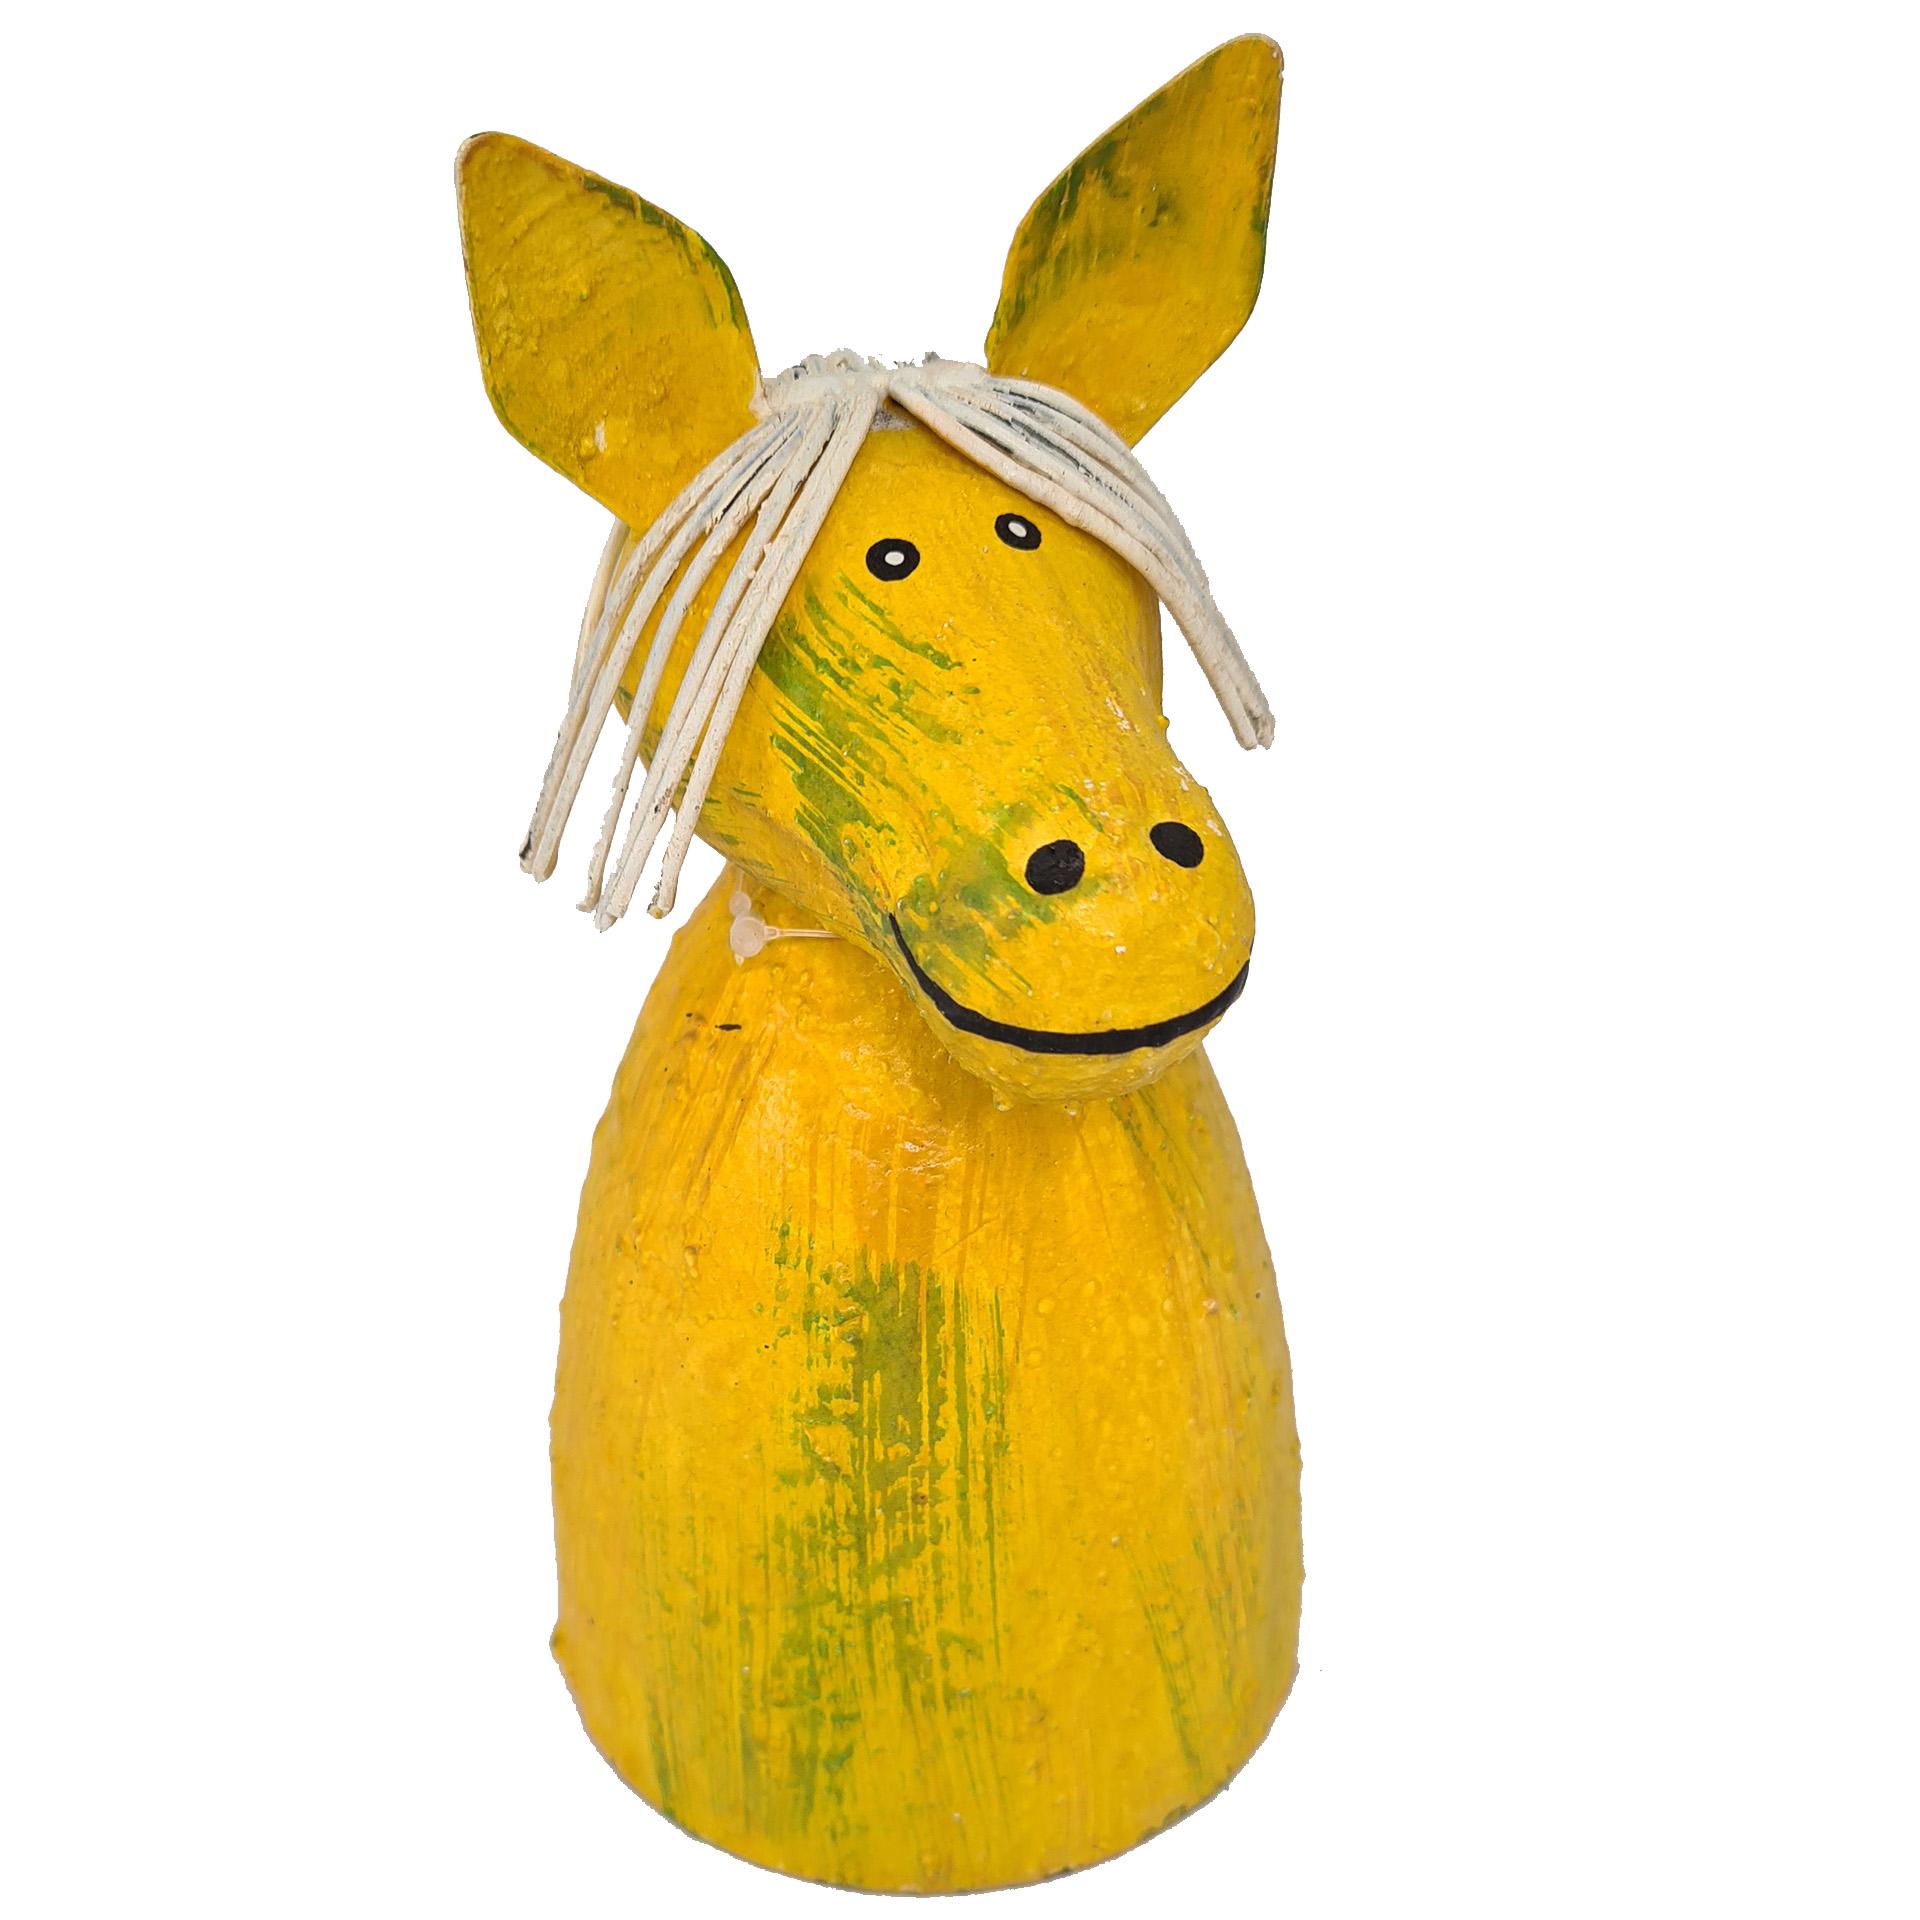 Zaunhocker Bauernhof Pferd gelb